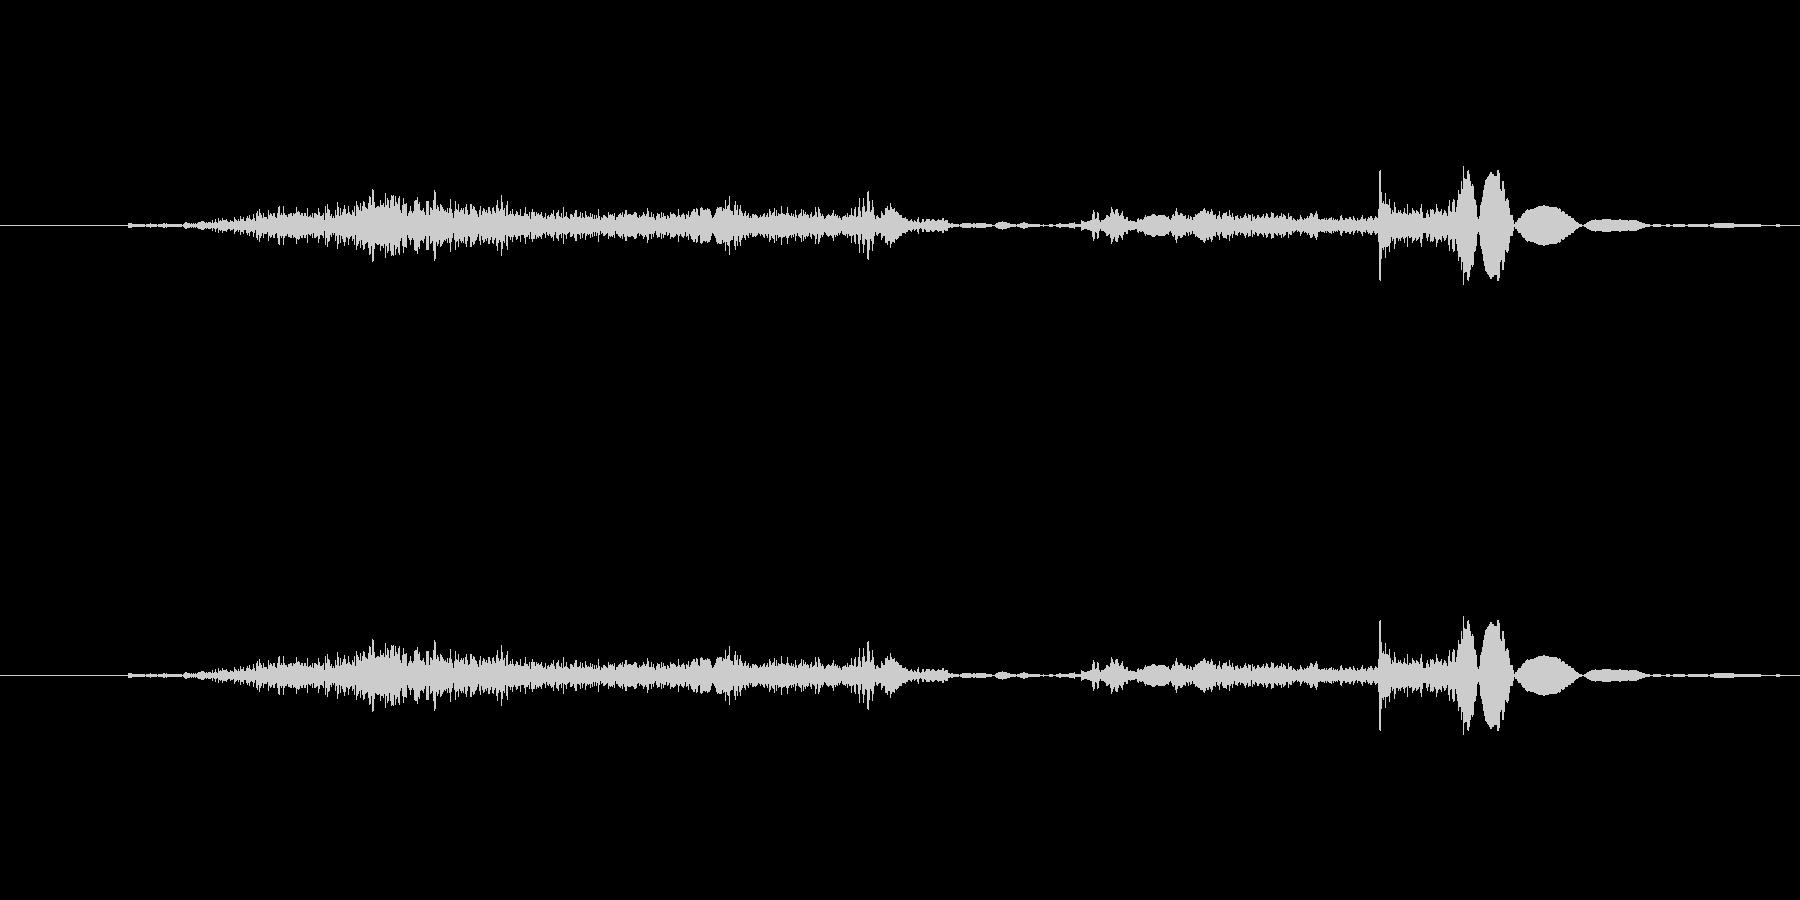 空ける音 (スーッの未再生の波形